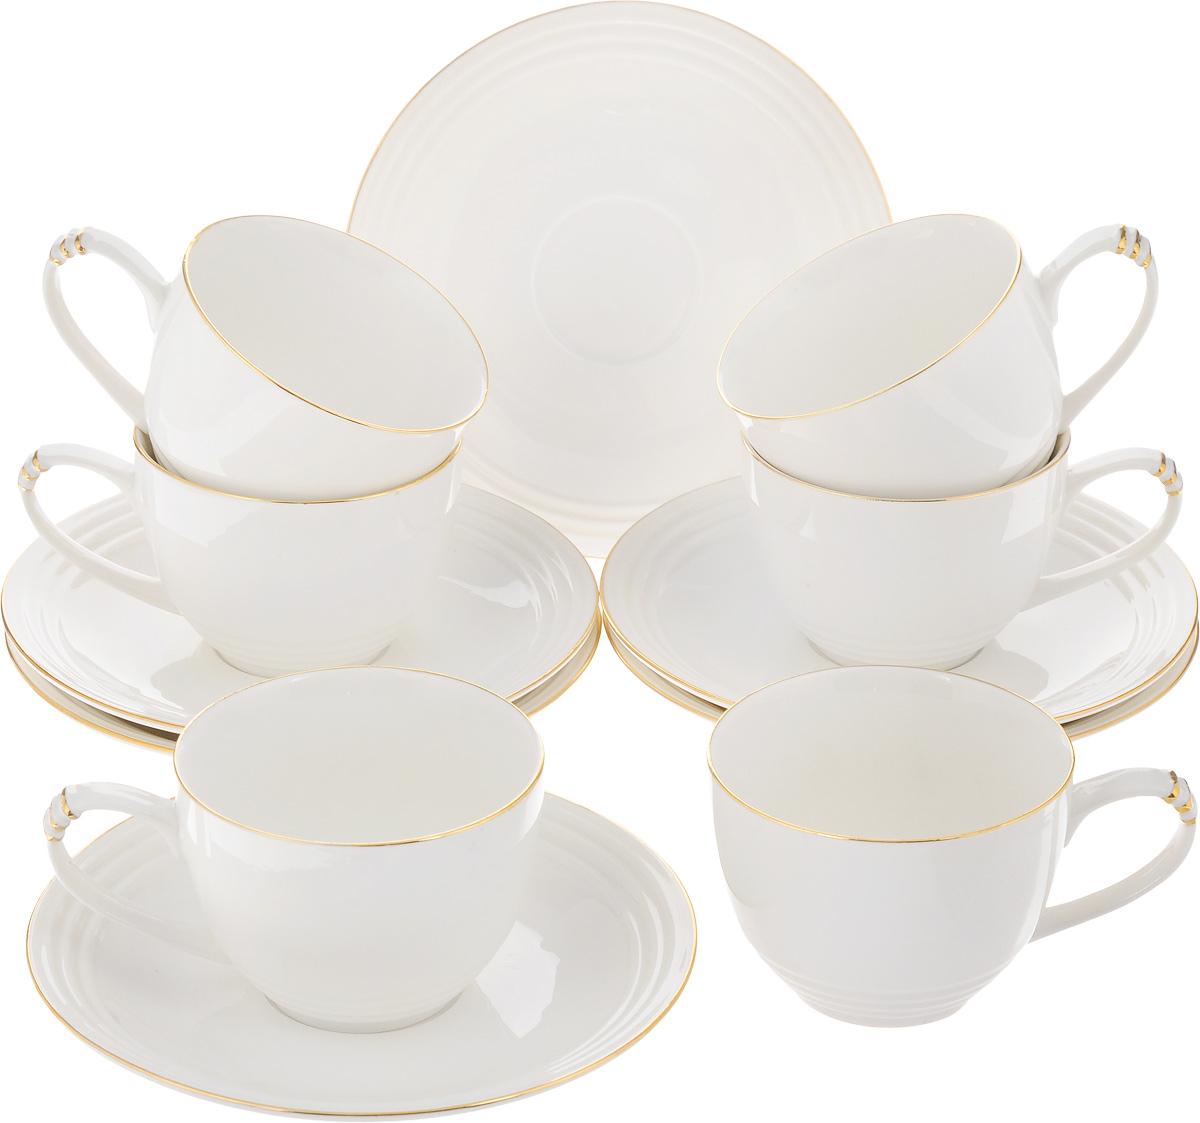 Набор чайный Patricia Бланко, 12 предметовIM52-1701Чайный набор Patricia Бланко состоит из 6 чашек и 6 блюдец. Изделия выполнены из высококачественного фарфора. Такой набор изящно дополнит сервировку стола к чаепитию. Не рекомендуется мыть в посудомоечной машине и использовать в микроволновой печи. Объем чашки: 200 мл. Диаметр чашки по верхнему краю: 8,5 см. Высота чашки: 6 см. Диаметр блюдца: 15,5 см. Высота блюдца: 2,2 см.